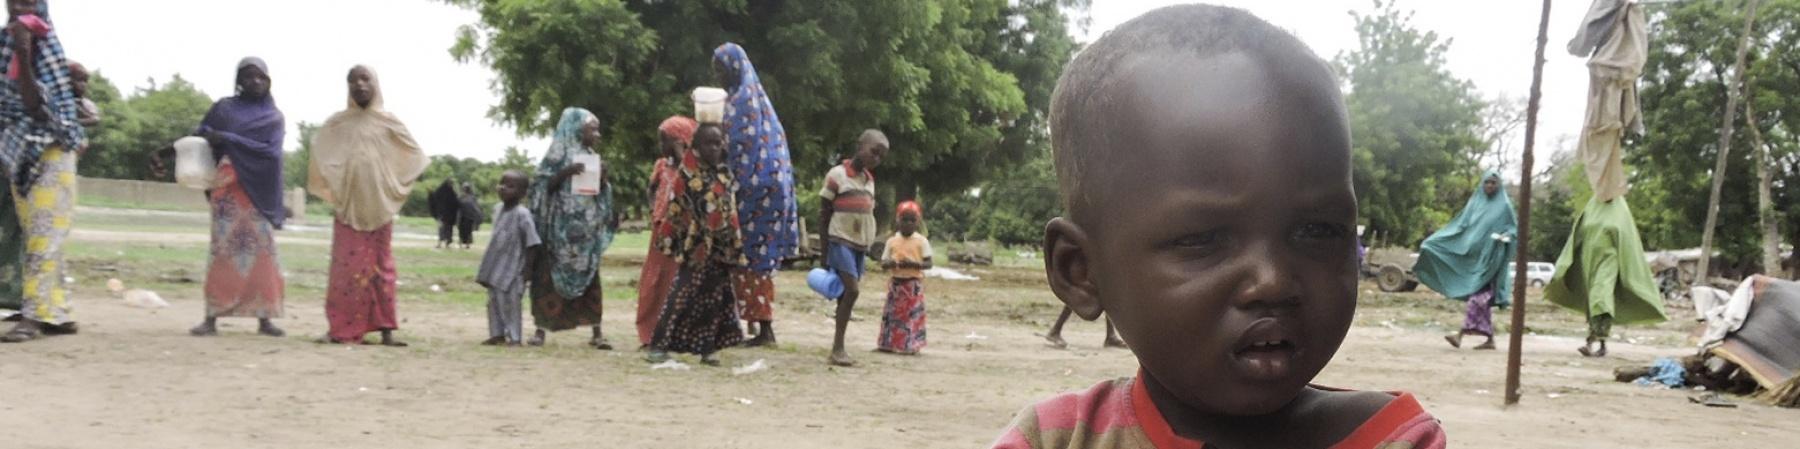 Bambino DRC